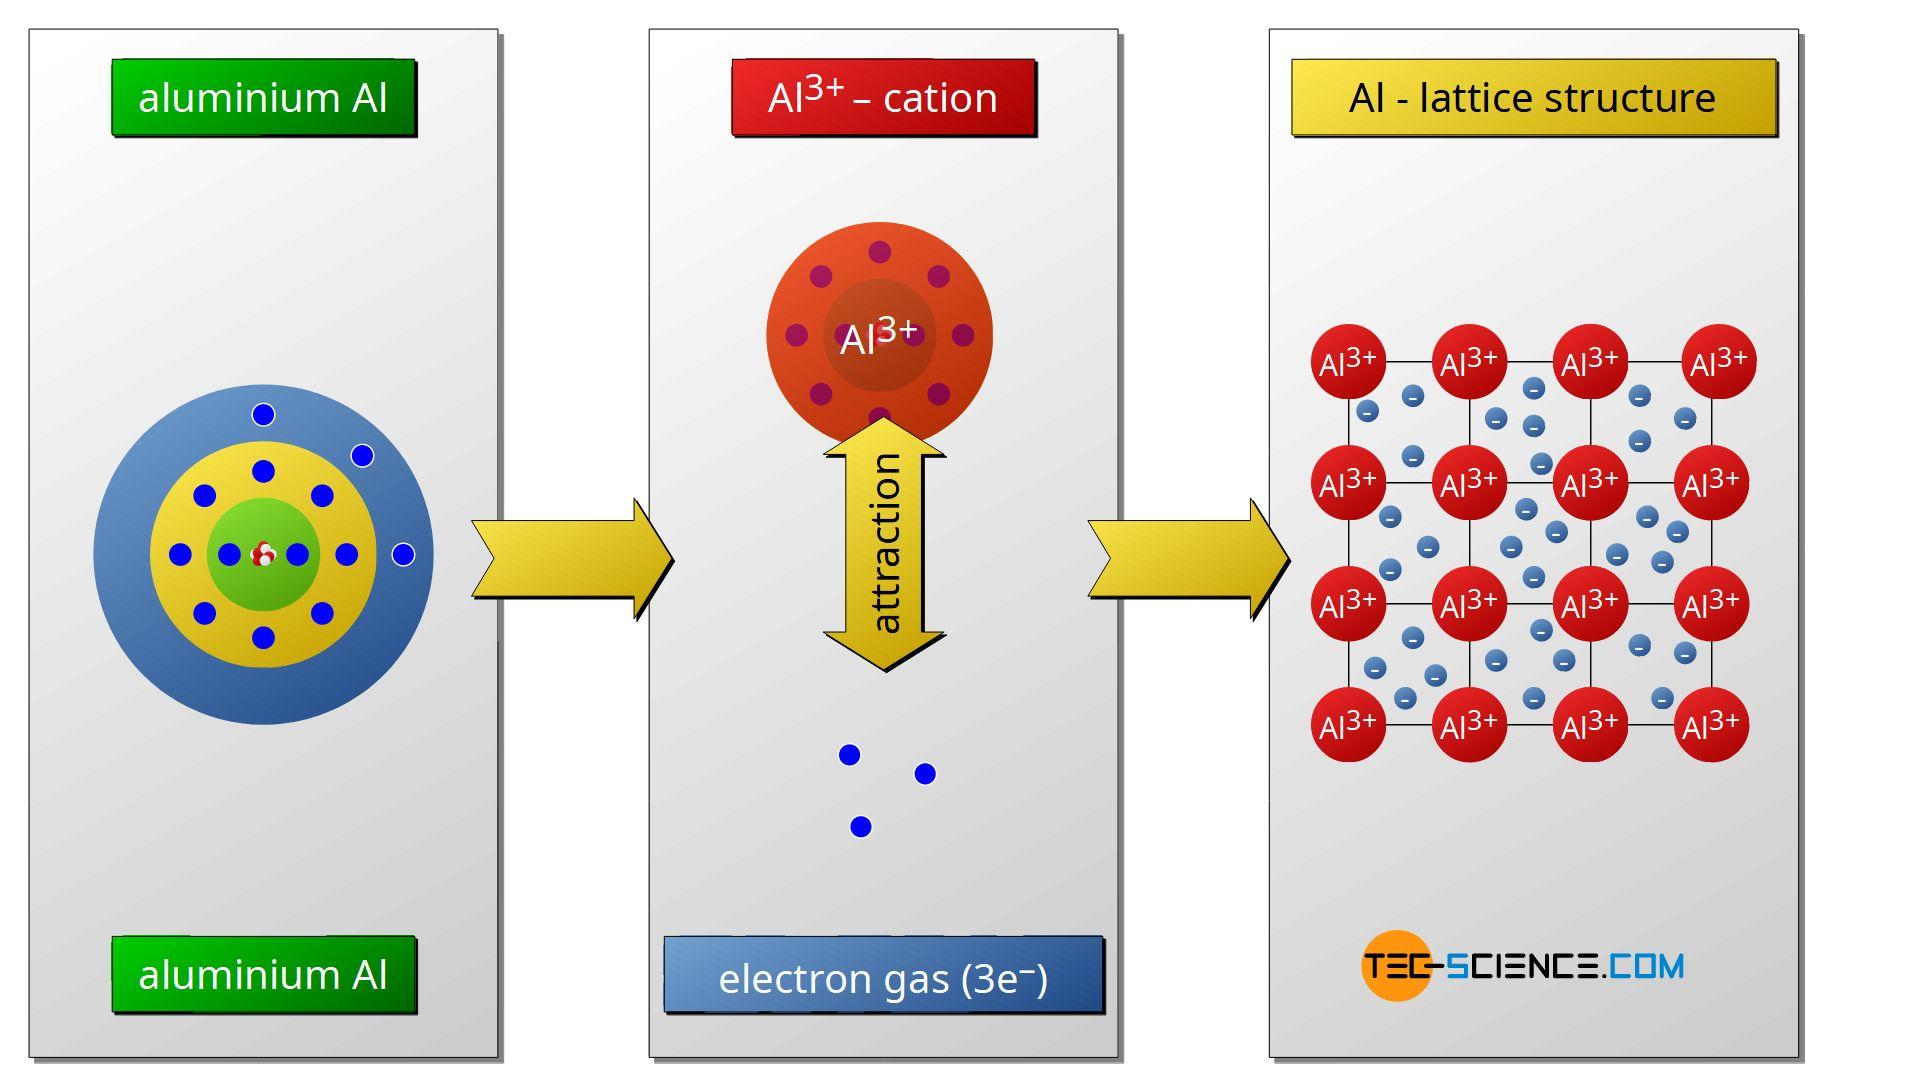 Metallic bonding of aluminum